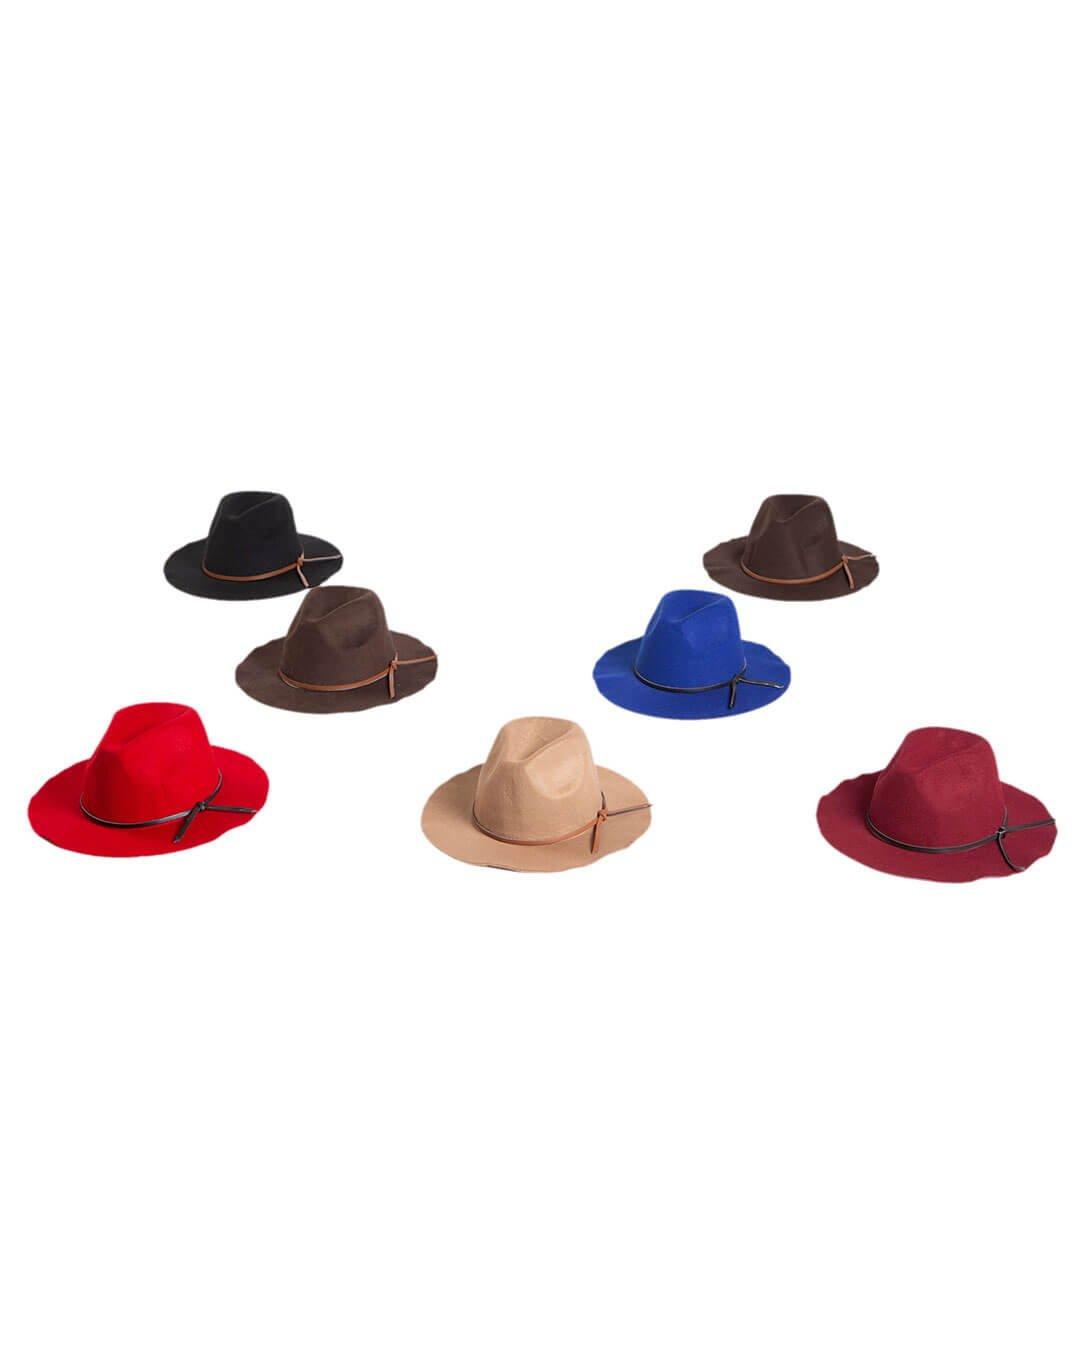 XRSW-16-11 - Keçe Fötr Şapka - CMF Tekstil